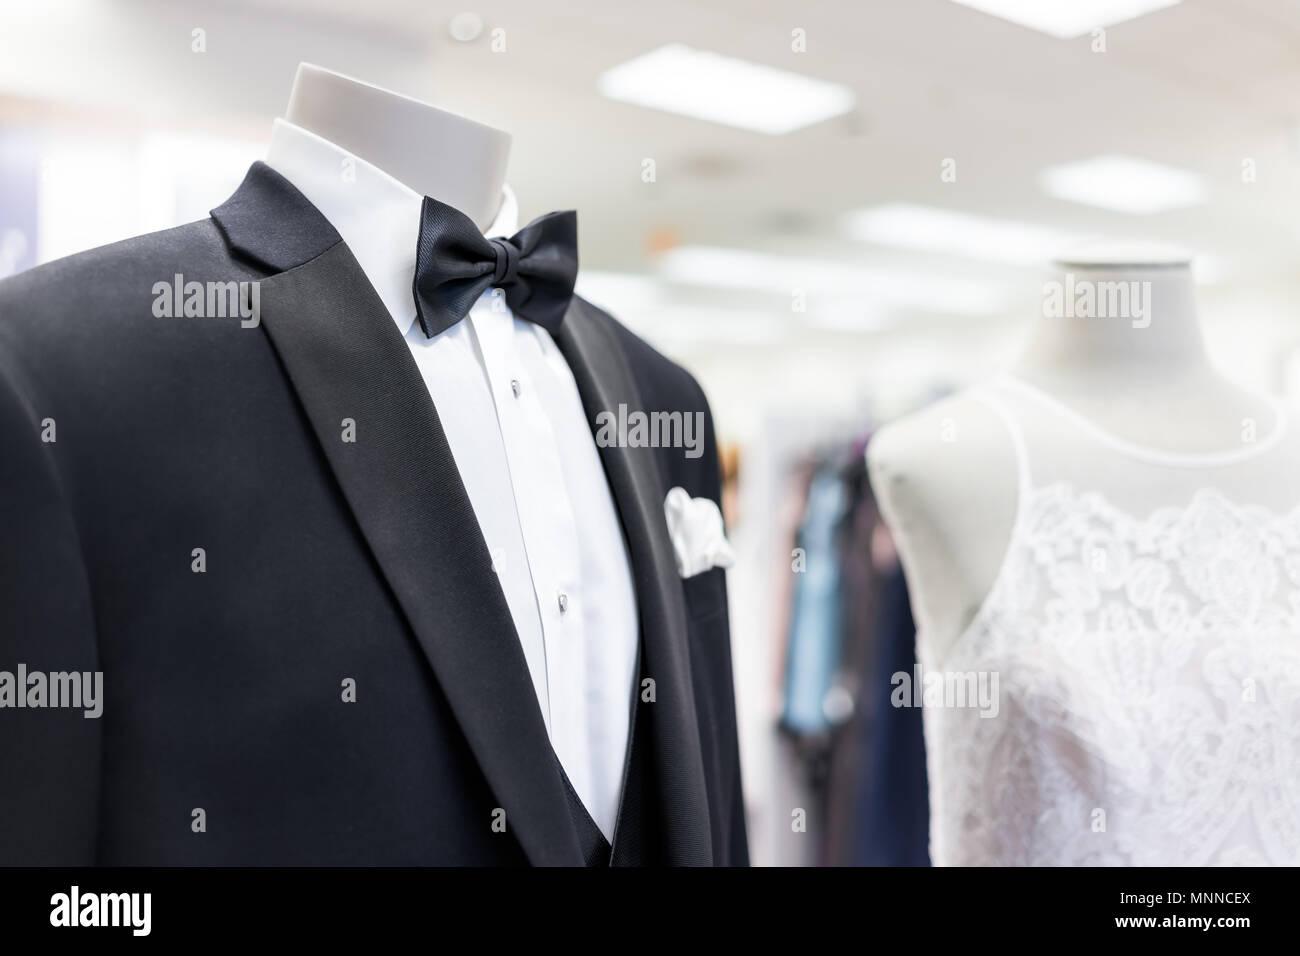 Primo piano della sposa e lo sposo manichino in nero abiti da cerimonia abito, cravatta a farfalla, cravatta e abito bianco nel negozio boutique, negozio, fazzoletto Immagini Stock